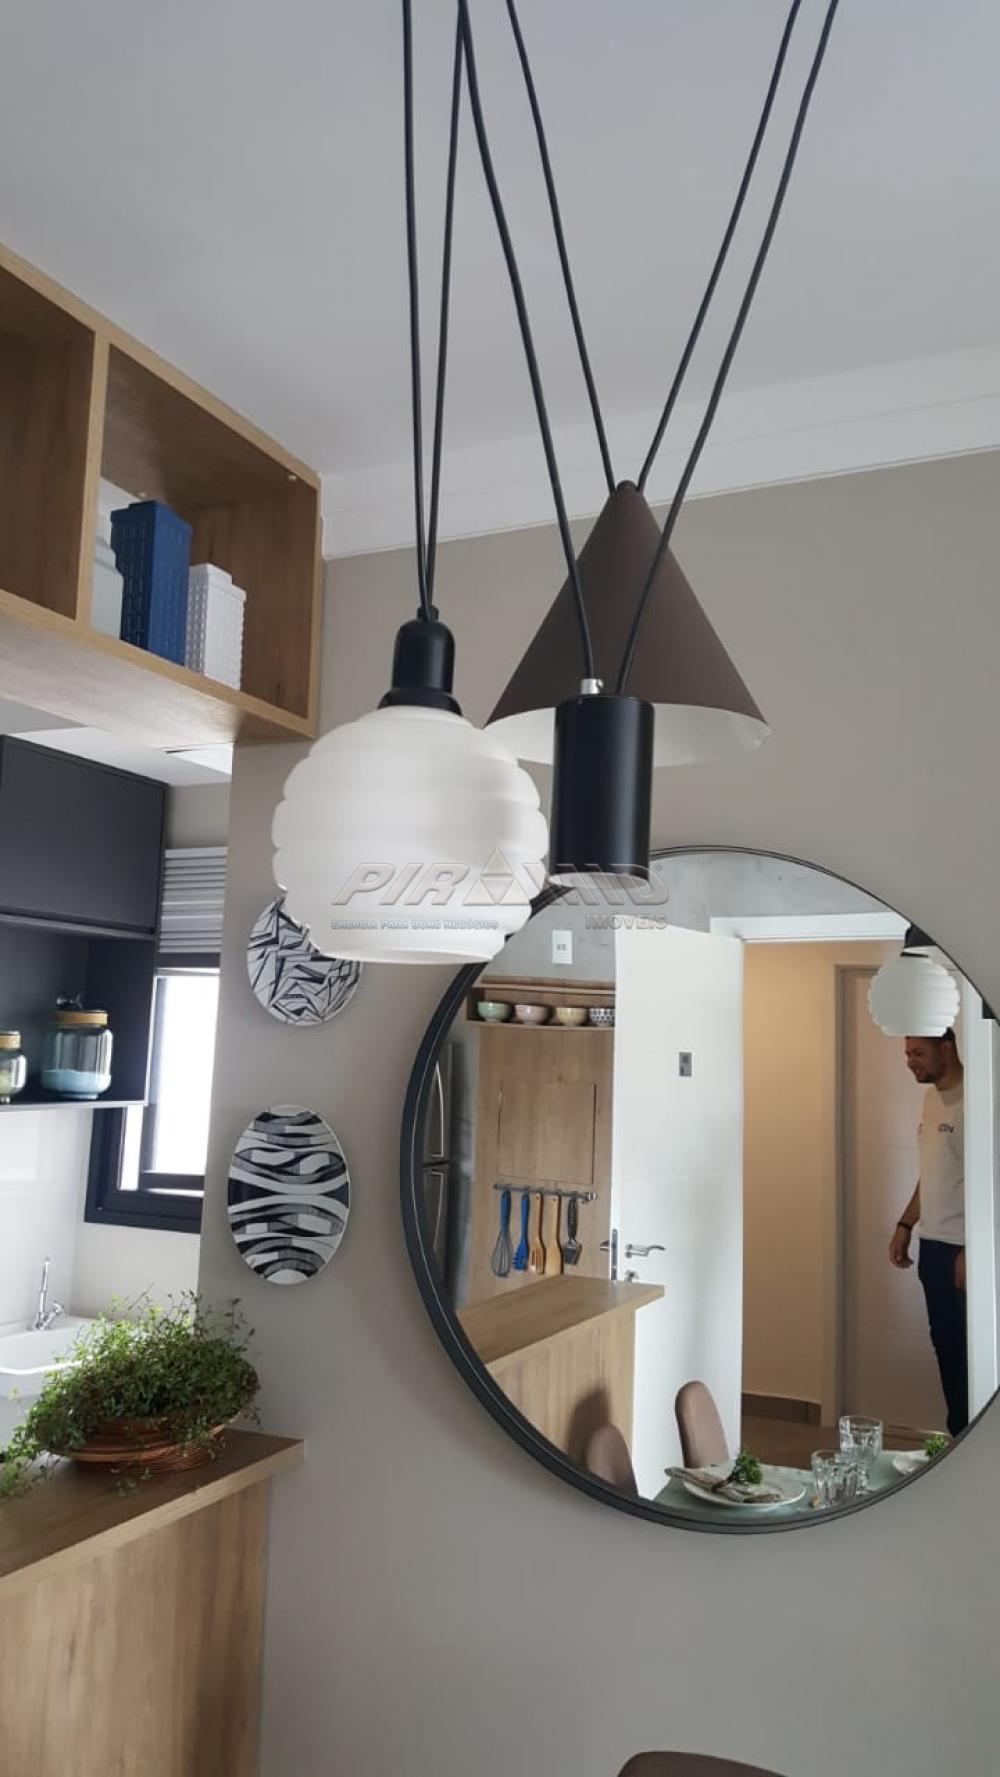 Comprar Apartamento / Padrão em Ribeirão Preto apenas R$ 203.320,00 - Foto 6